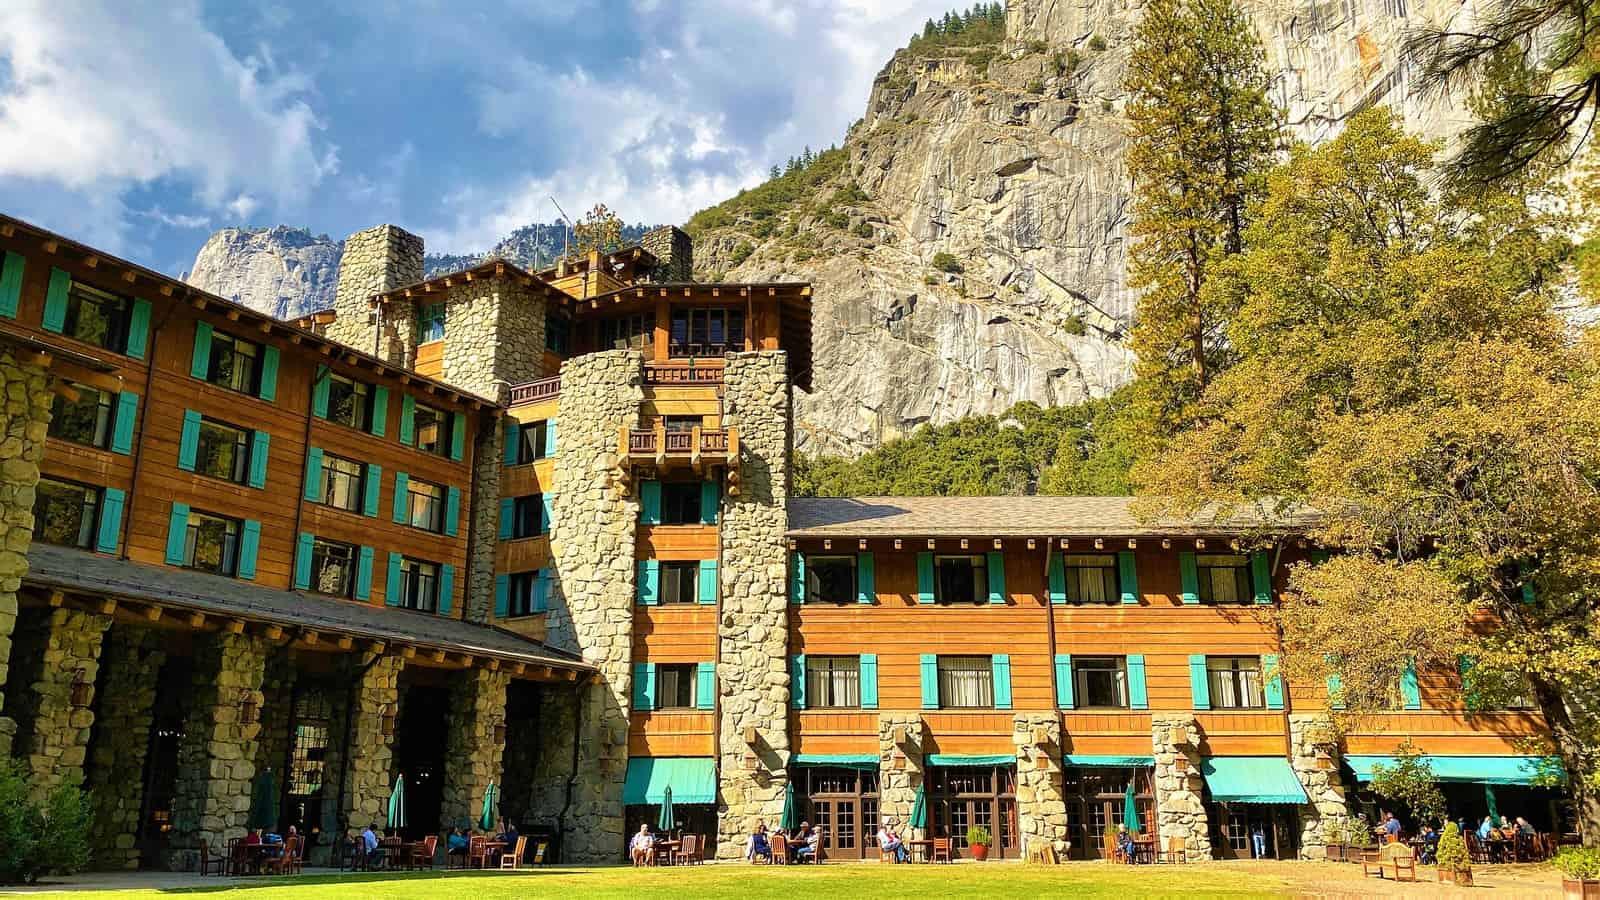 Awanhnee hotel